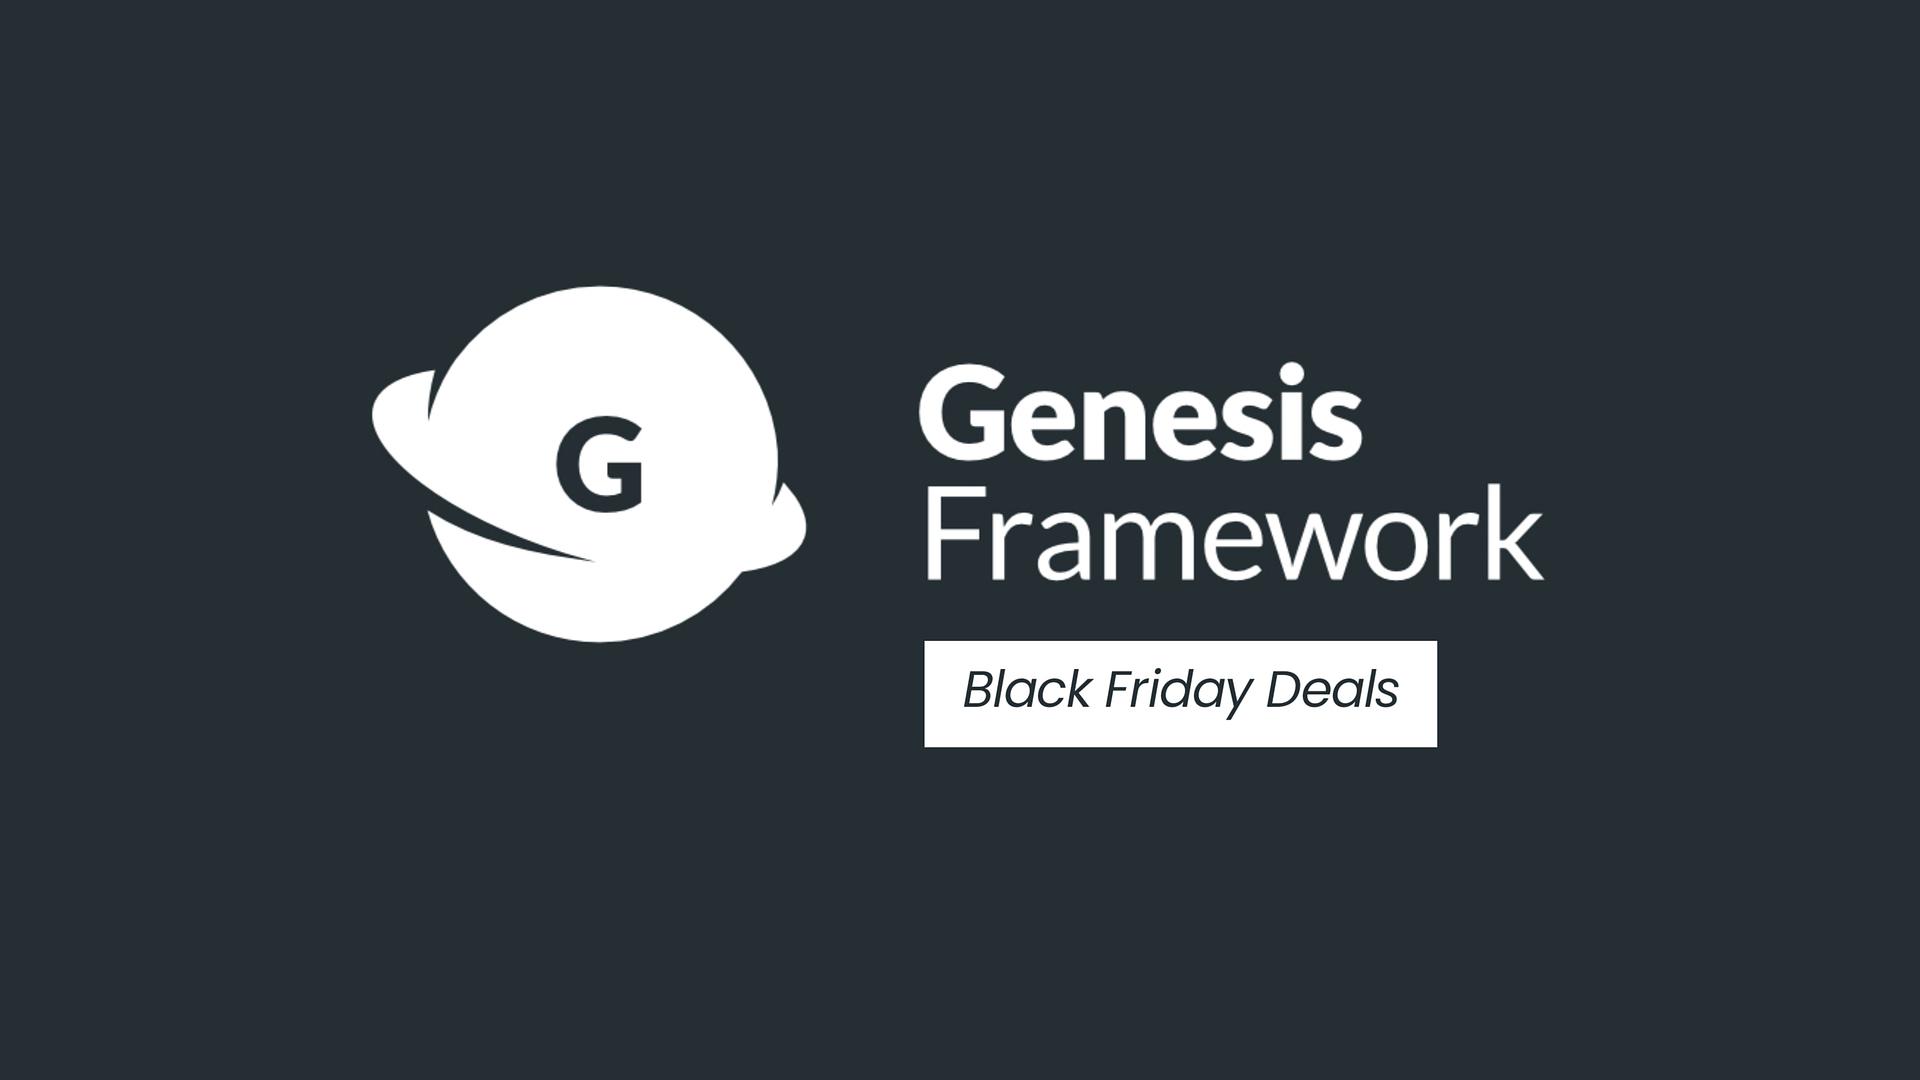 StudioPress Genesis Black Friday Deals